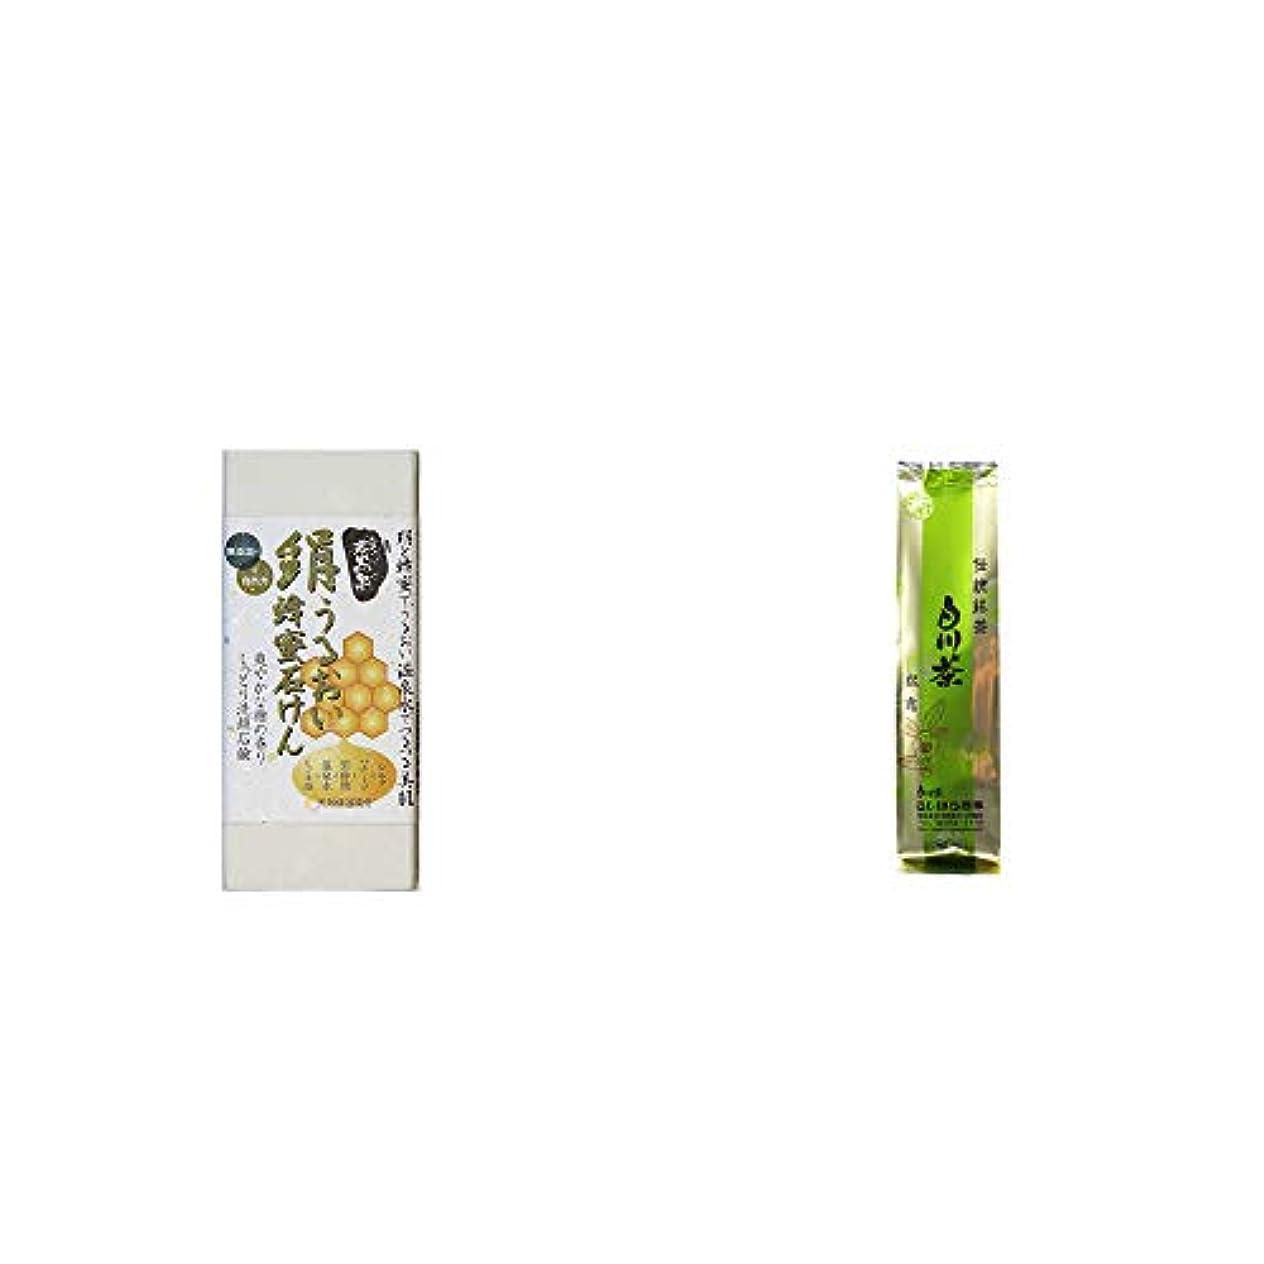 誰がフレット連鎖[2点セット] ひのき炭黒泉 絹うるおい蜂蜜石けん(75g×2)?白川茶 伝統銘茶【松露】(180g)